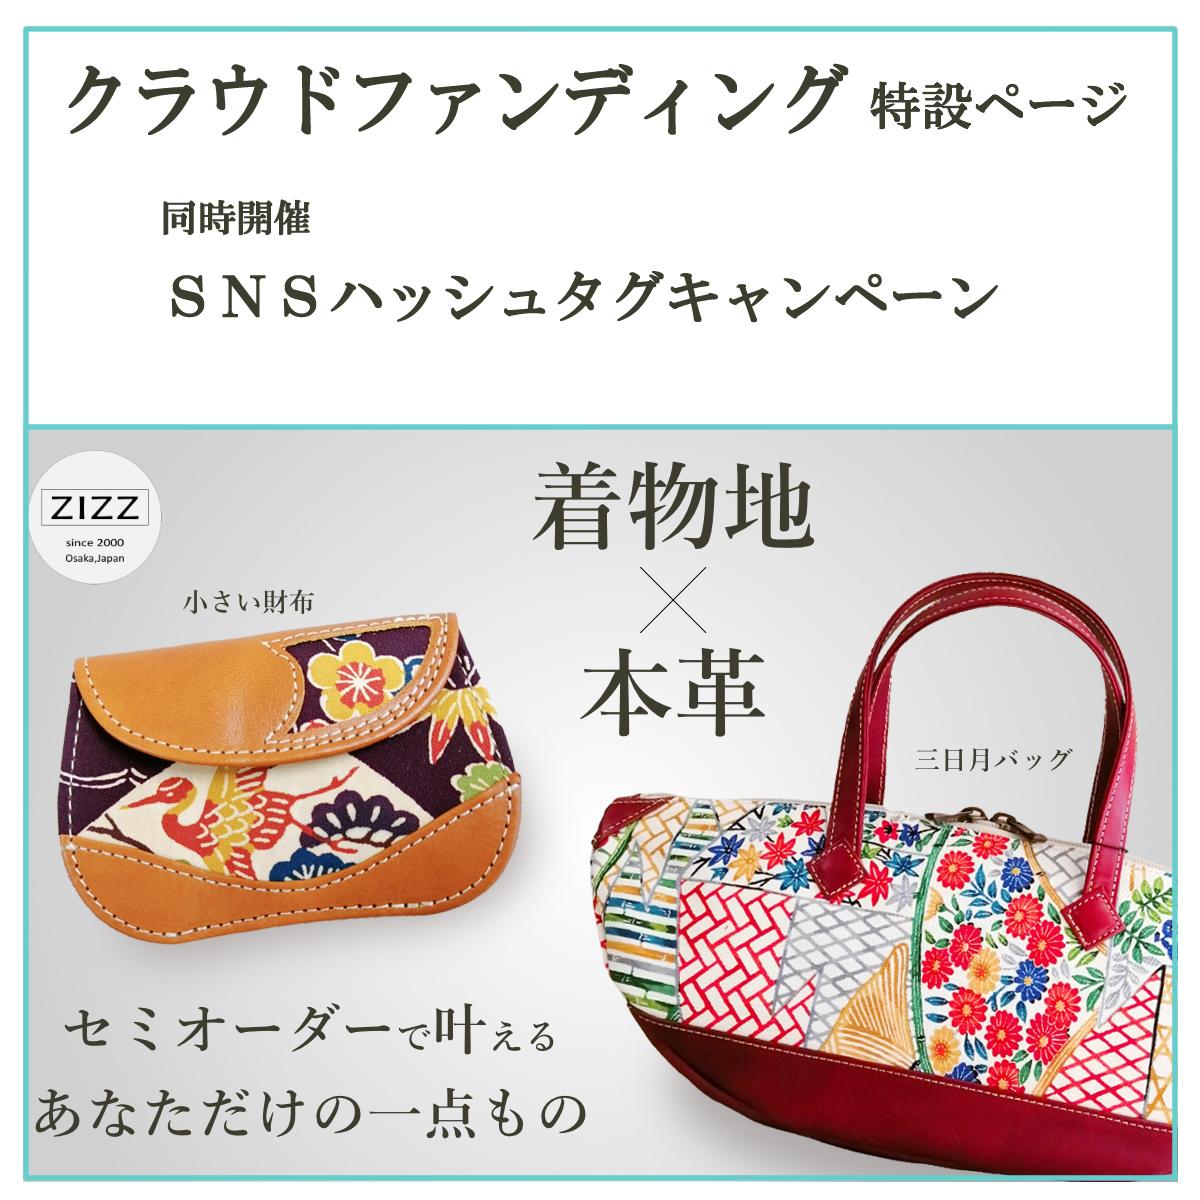 【終了】クラウドファンディング!! &SNSハッシュタグキャンペーン!